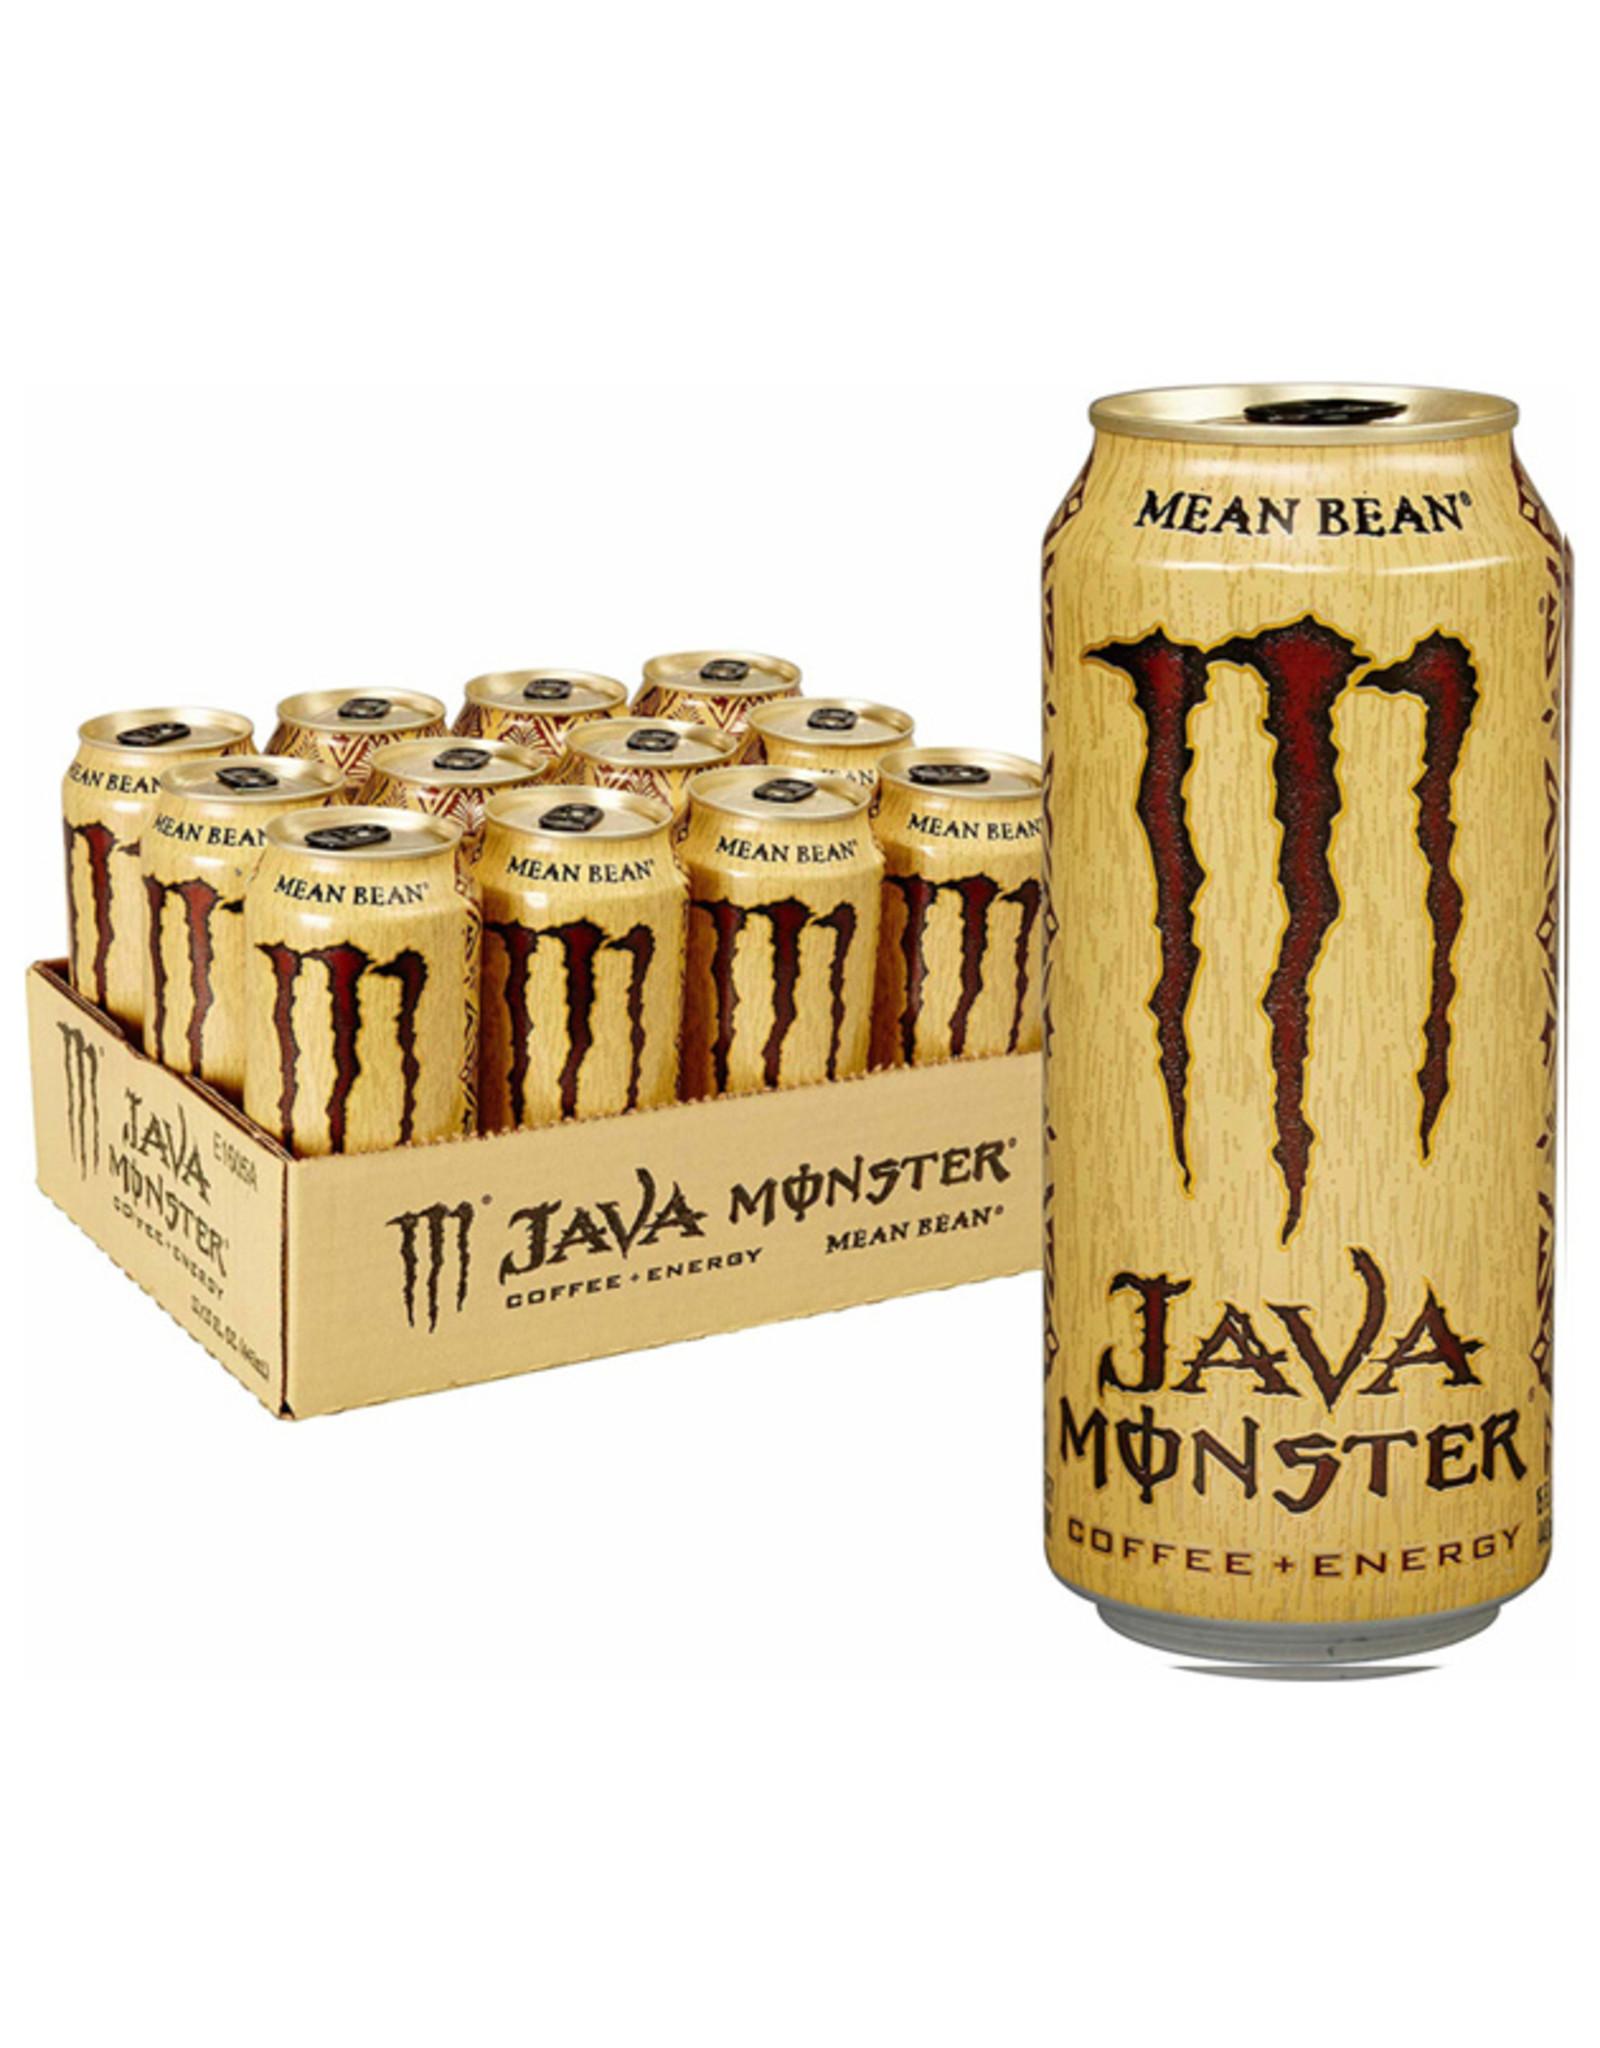 Monster Java Mean Bean (import) - 443ml